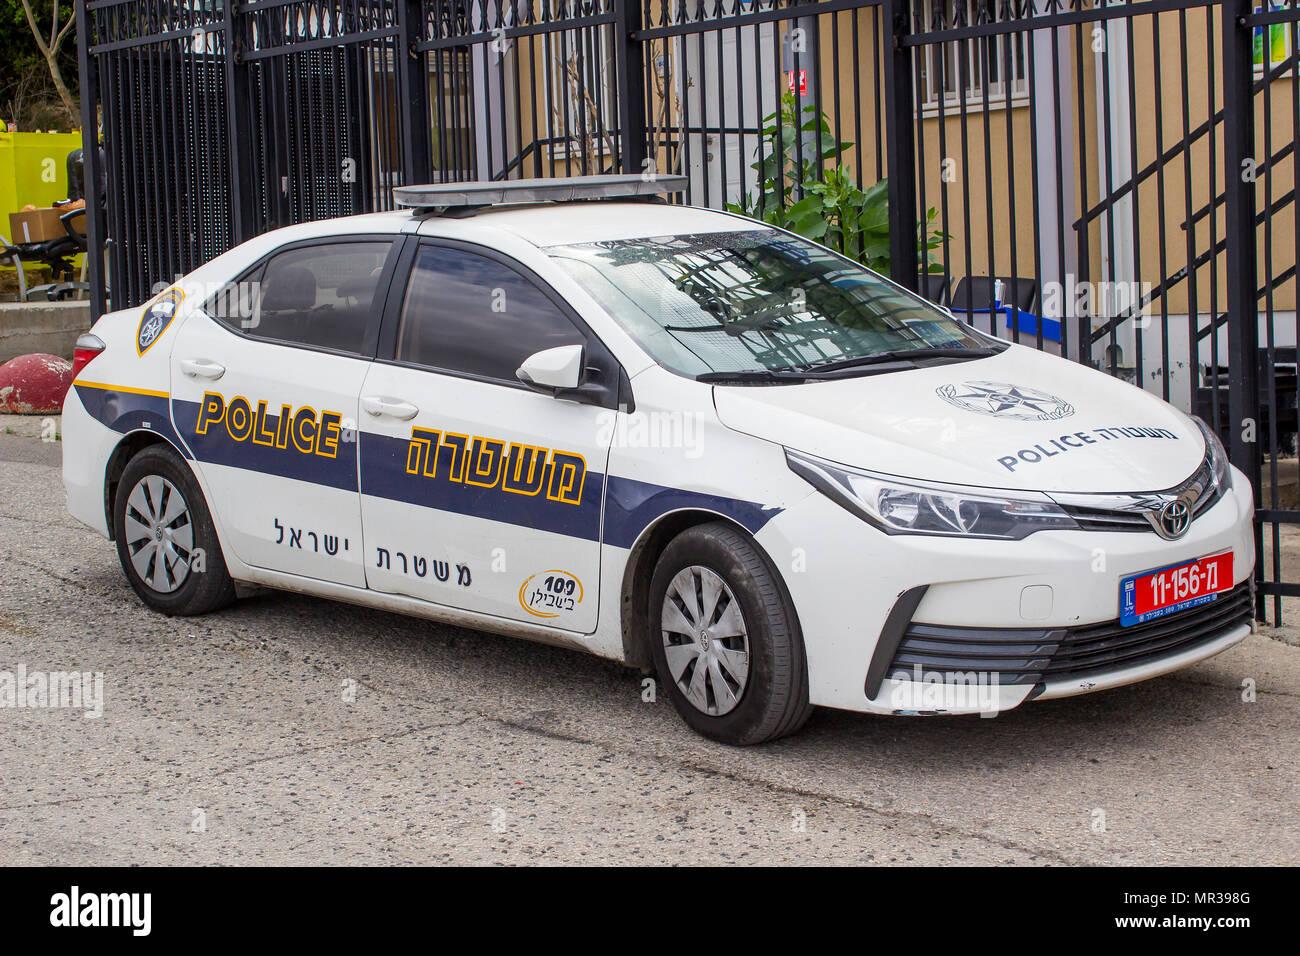 משהו רציני 8 May 2018 A Toyota Corolla car in Police Force with hi visibility AV-16